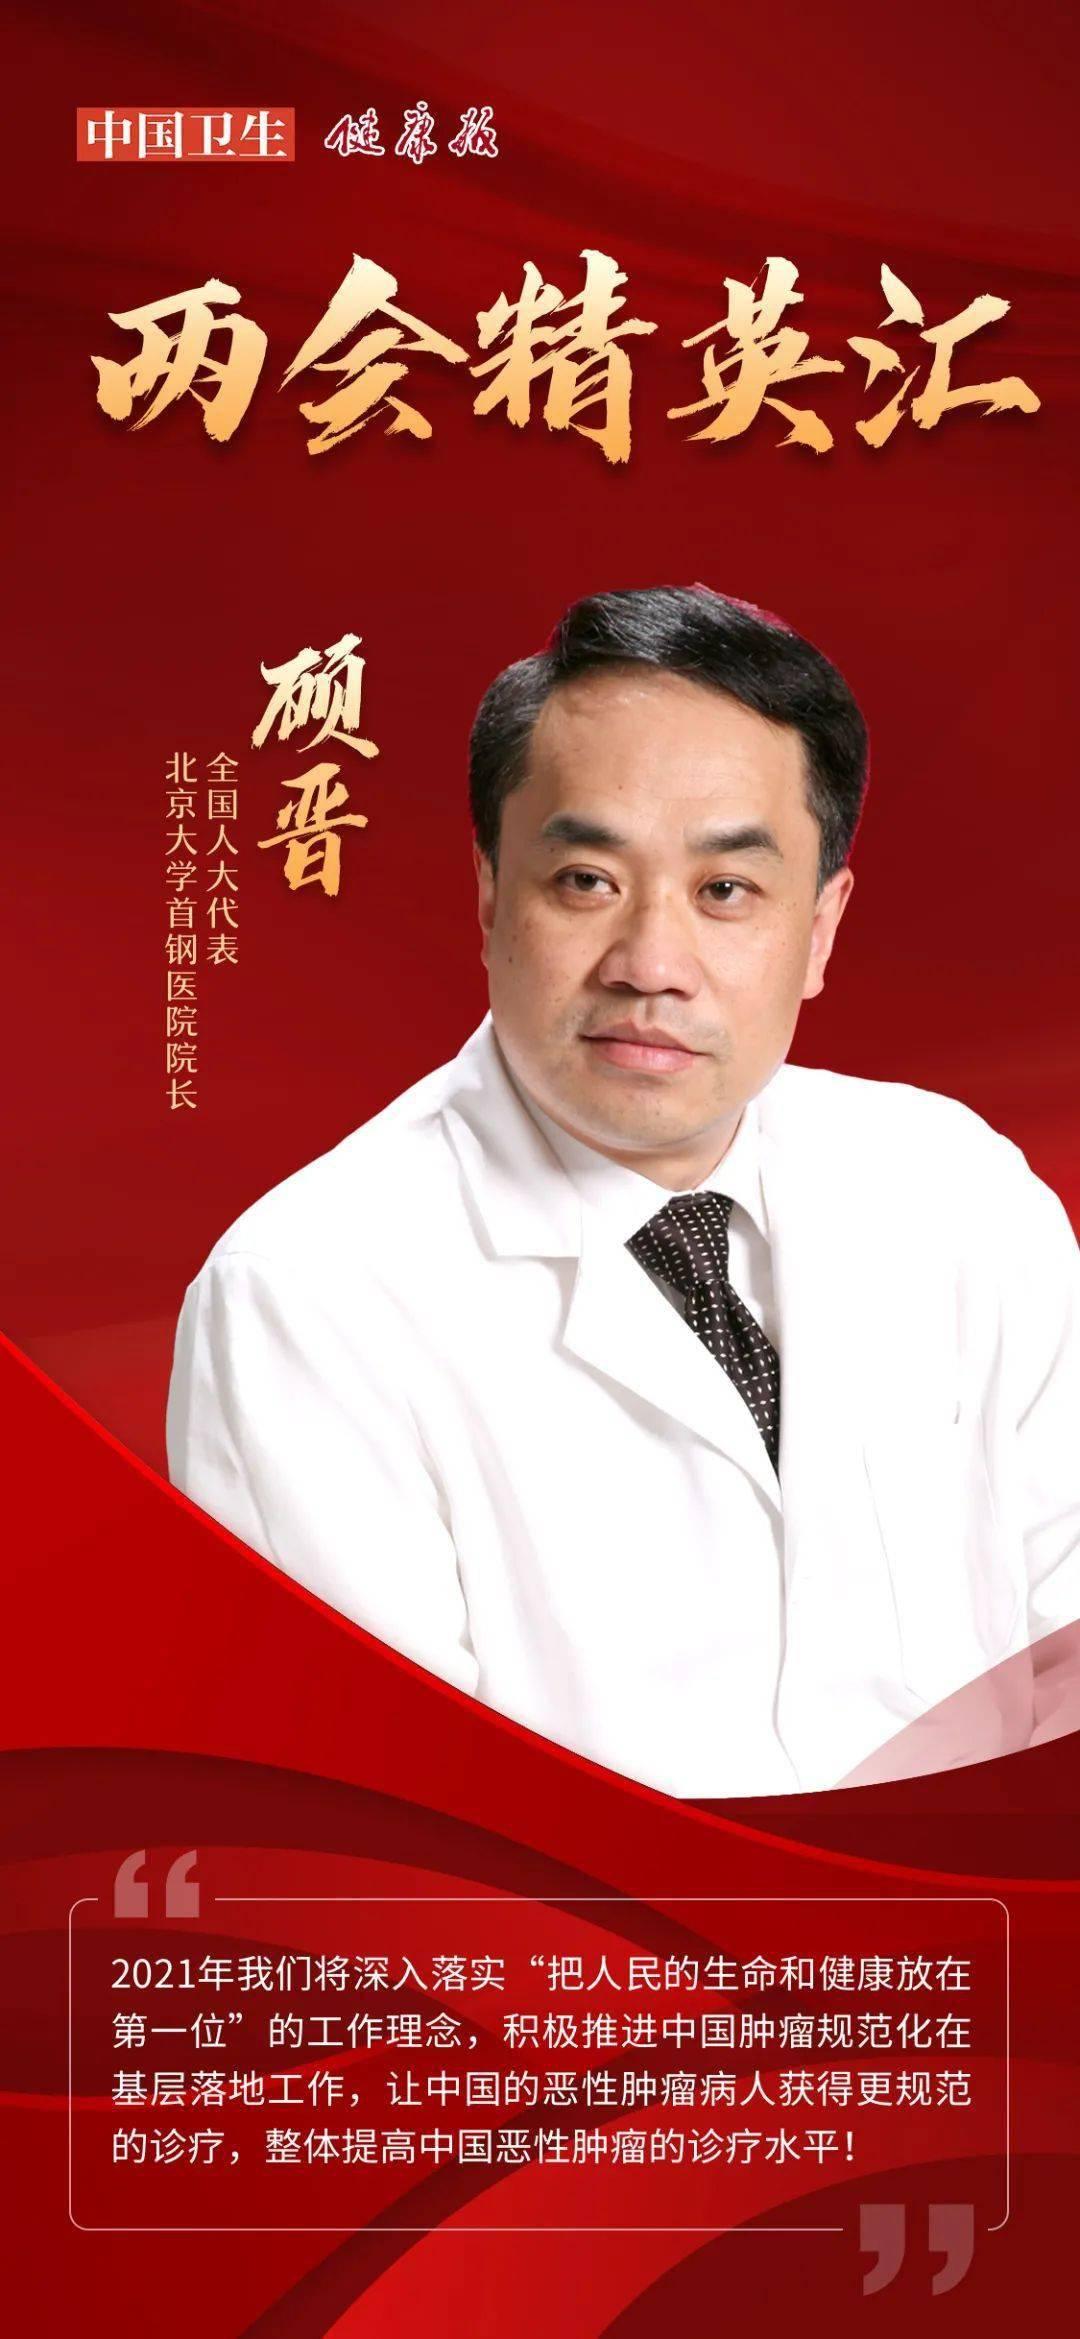 拉菲8娱乐招商-首页【1.1.2】